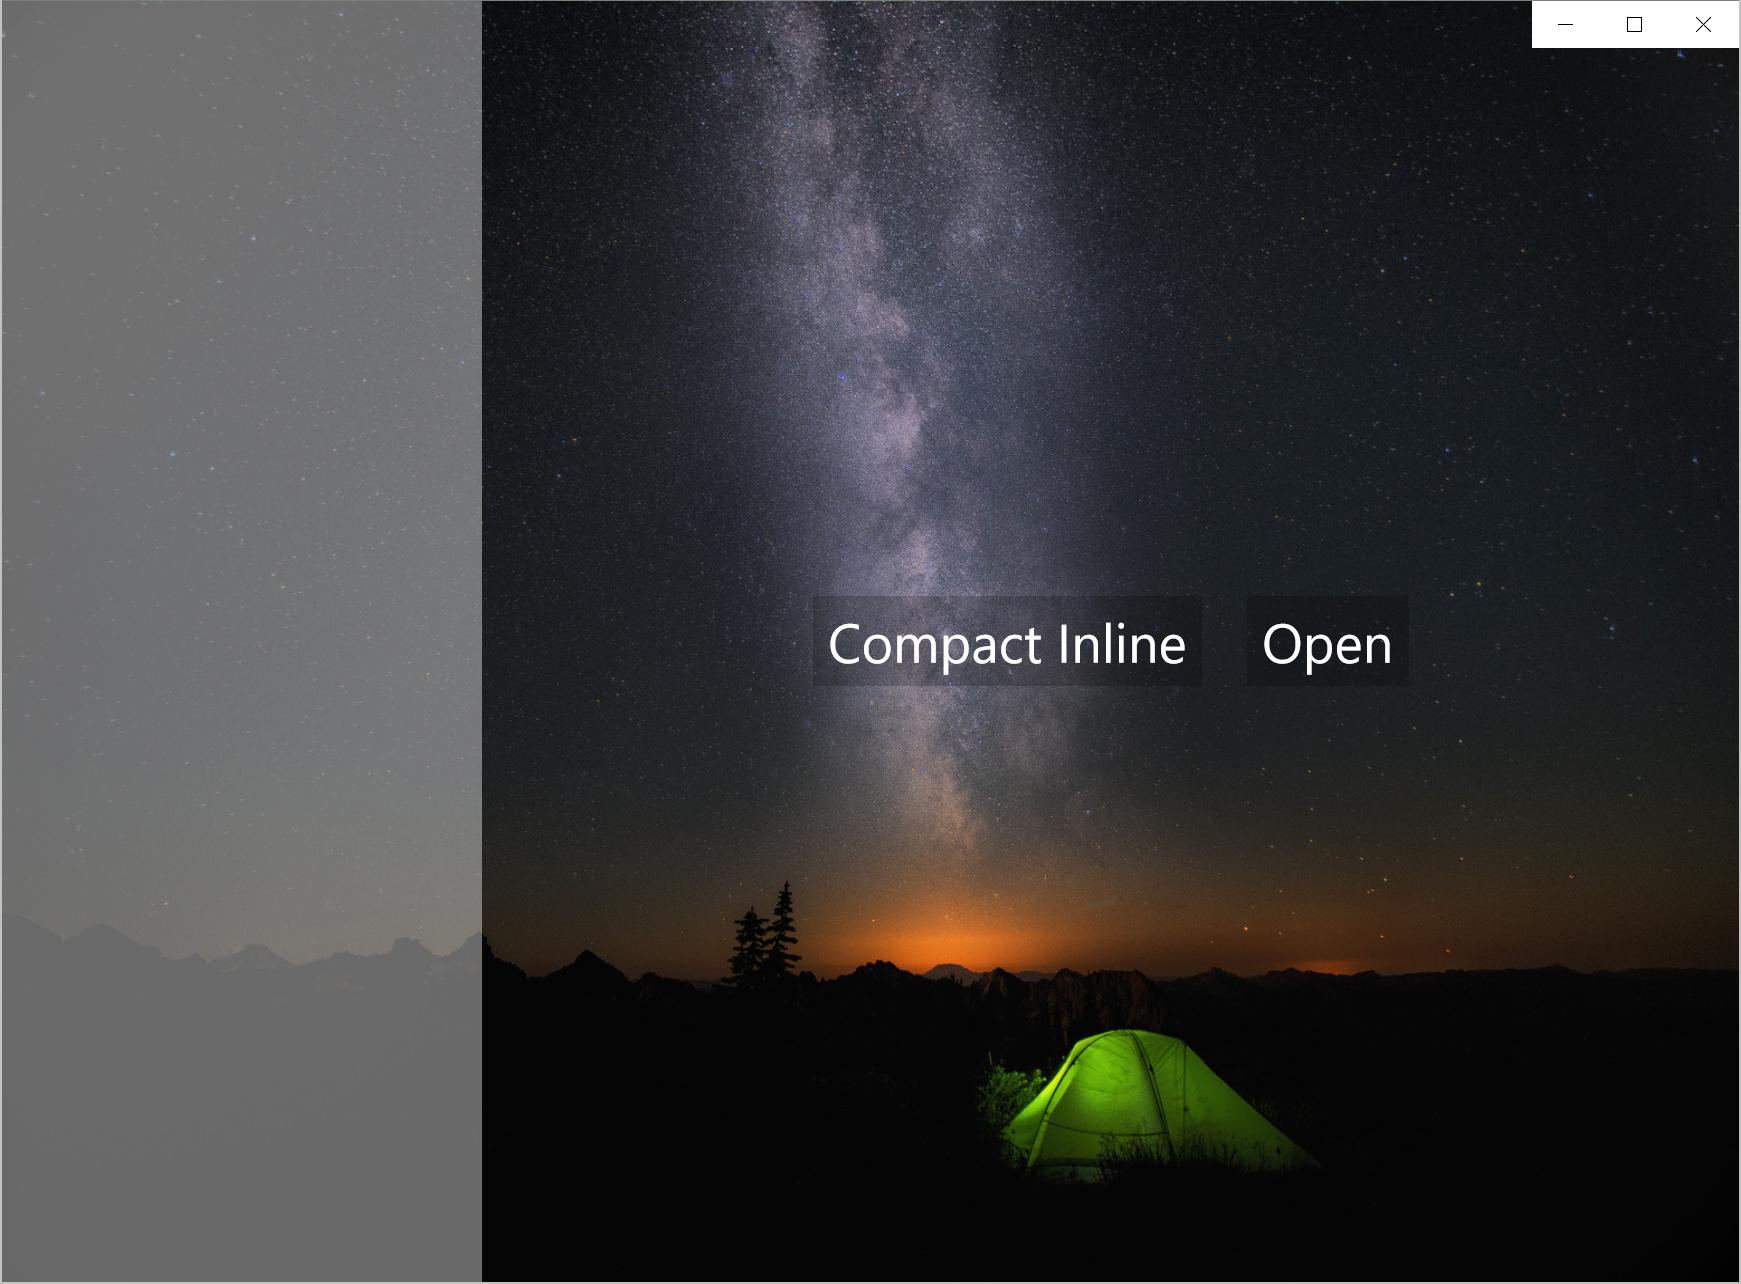 DisplayMode = CompactInline IsPaneOpen = True